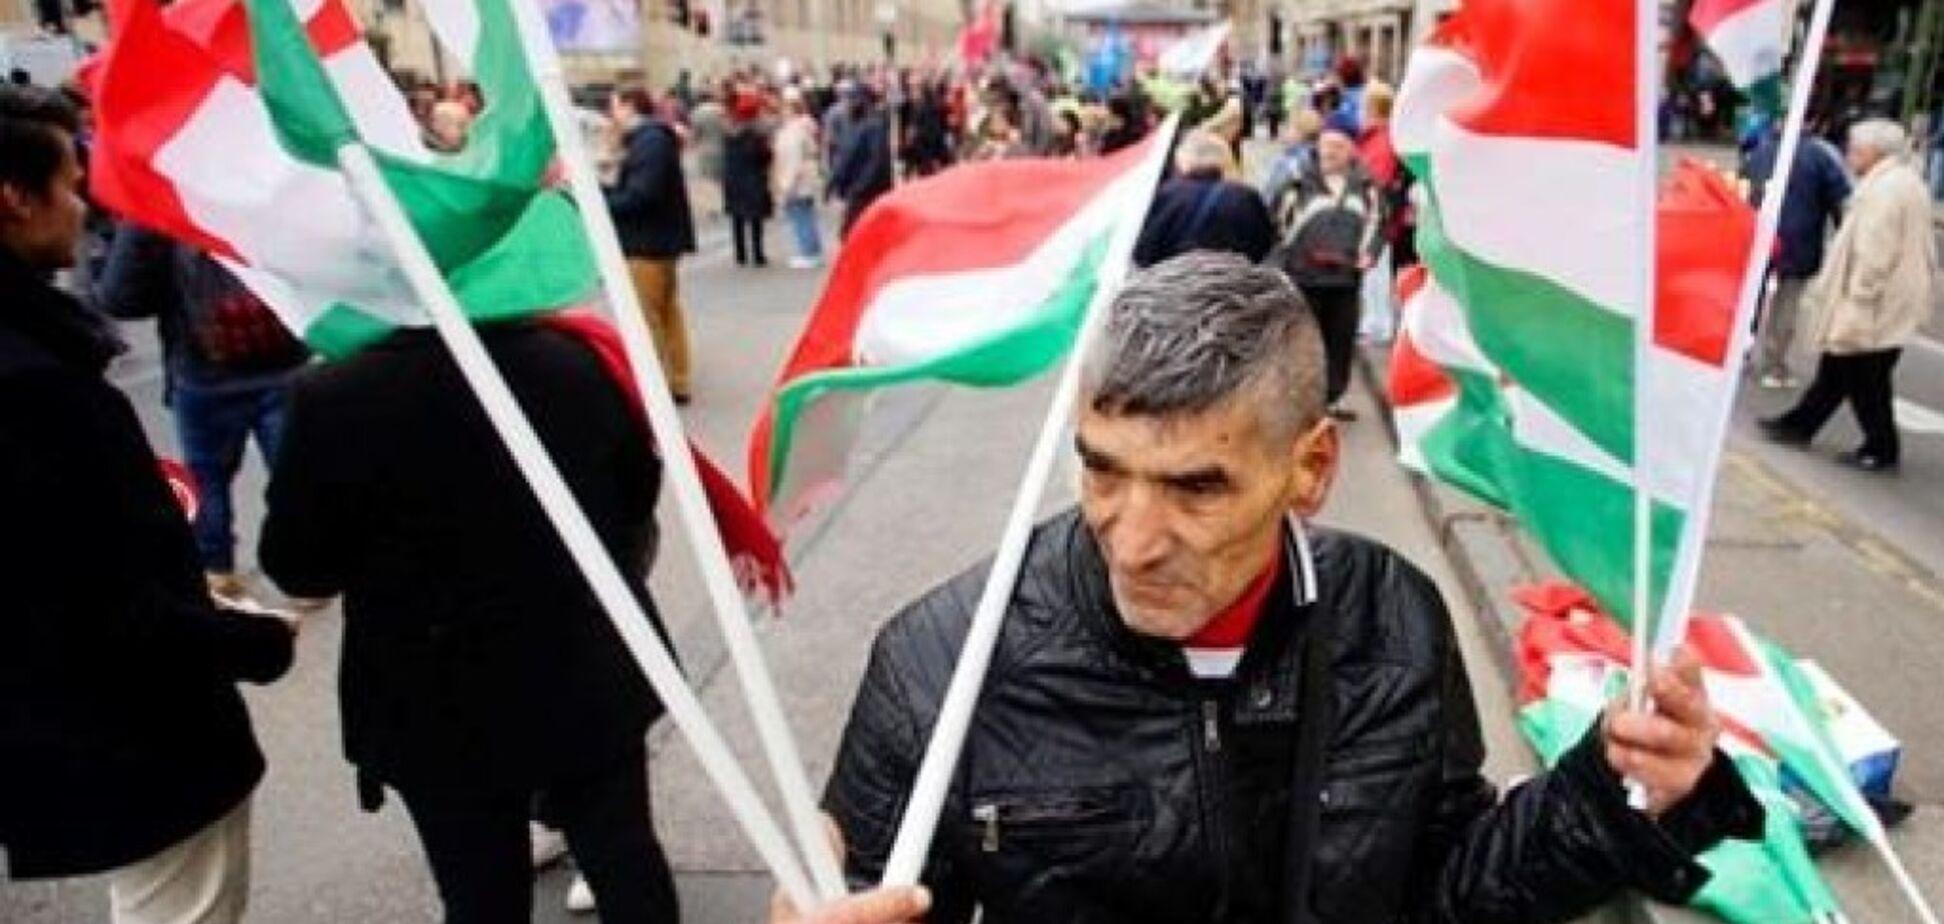 ''Треба карати'': в Кабміні запропонували відповідь Угорщині на ''паспортний'' скандал